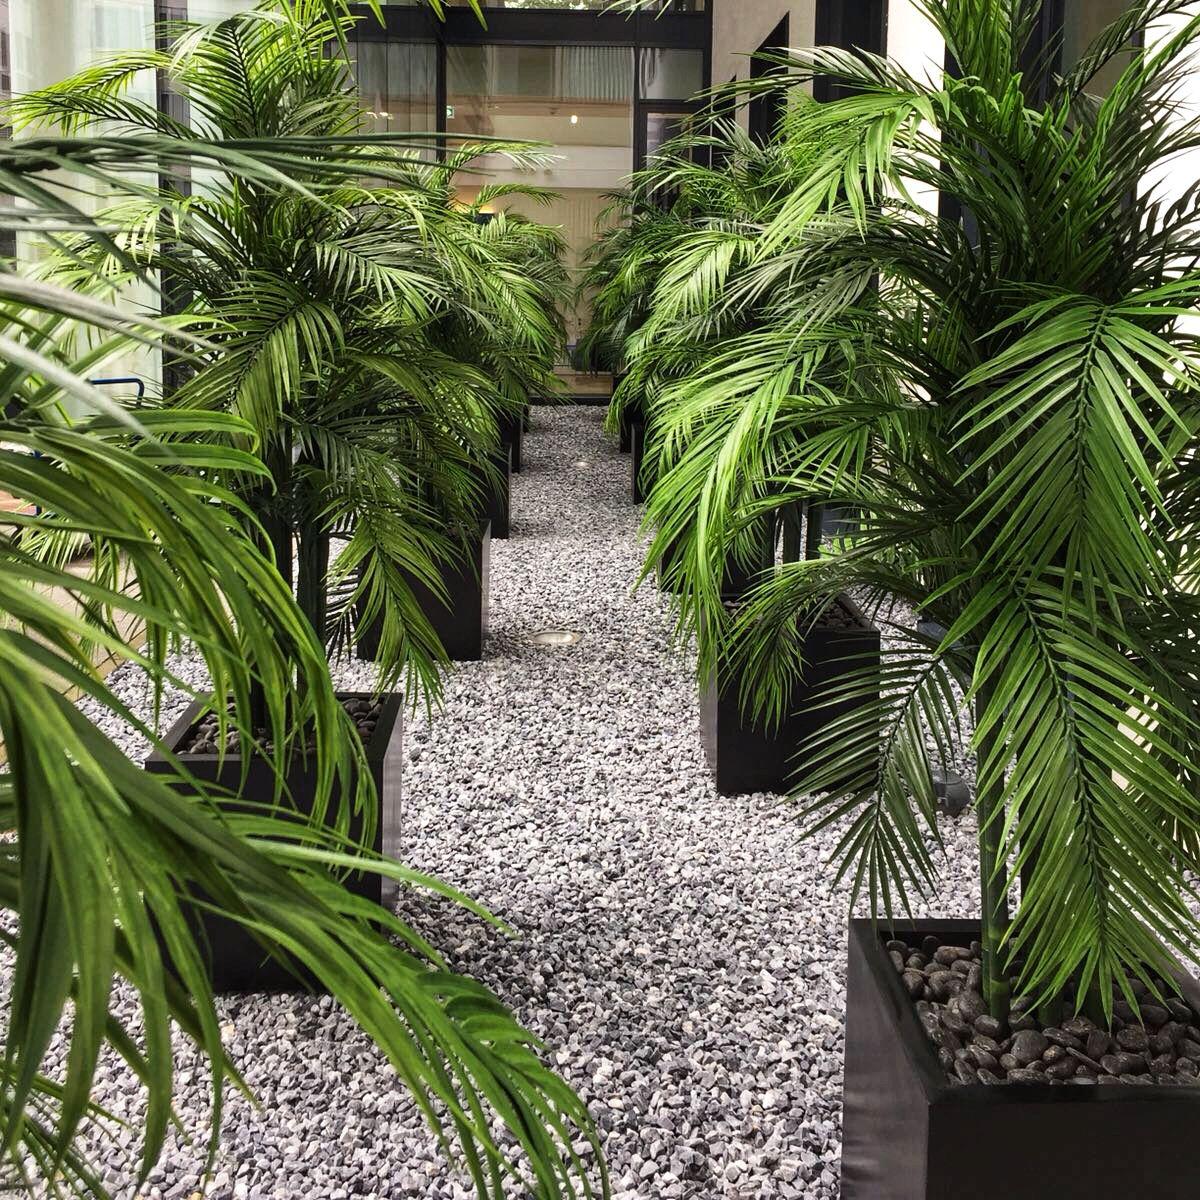 Wetterfeste Kunstpflanzen Gartenideen Sichtschutz Arecapalme